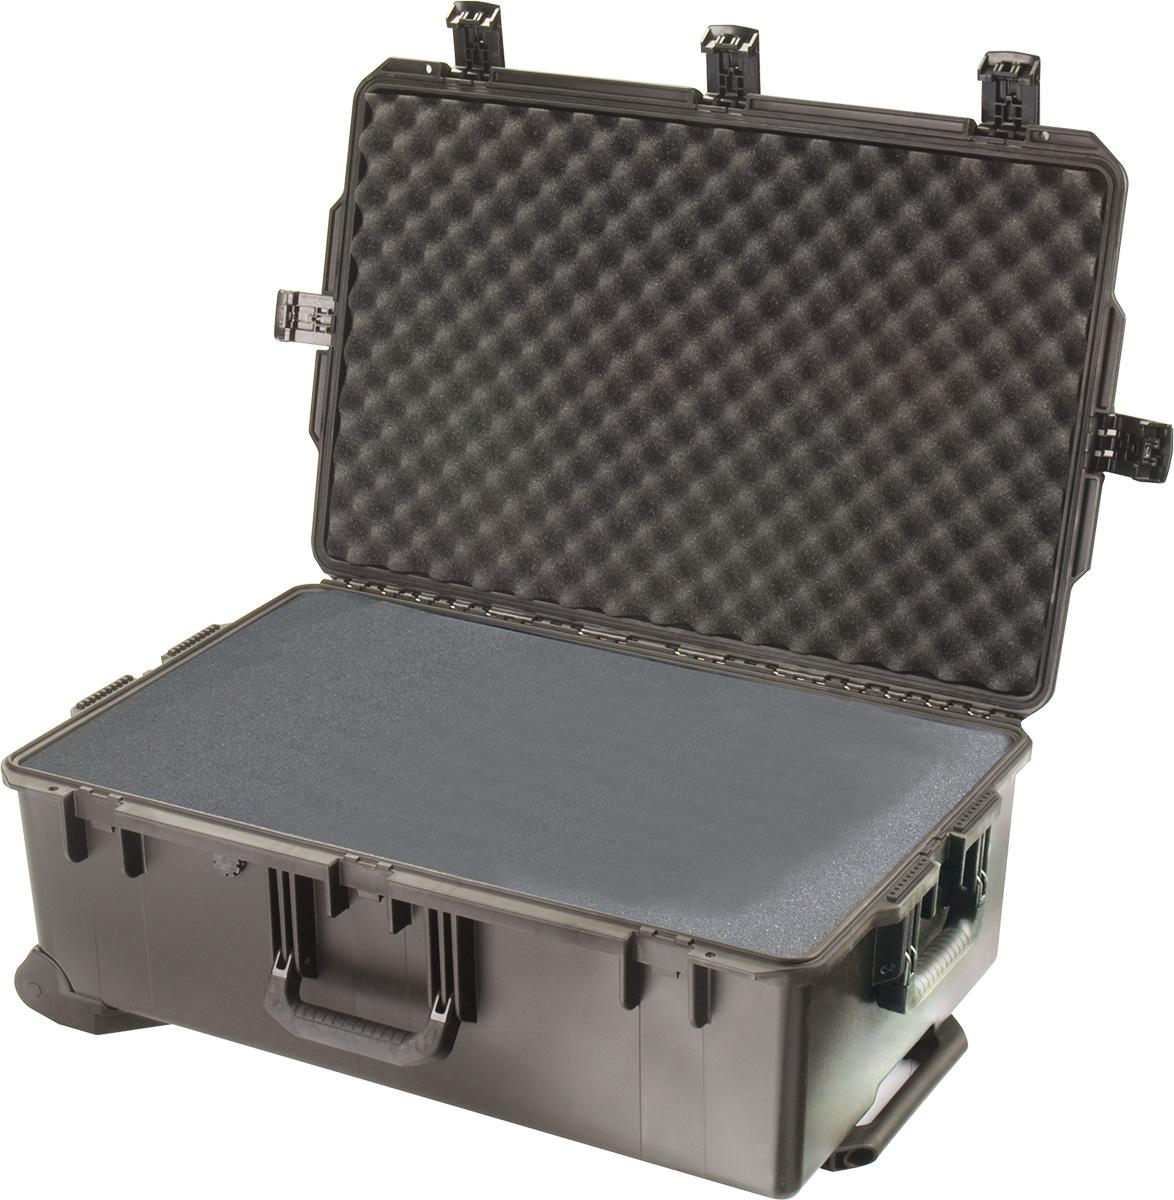 pelican im2950 foam rolling case